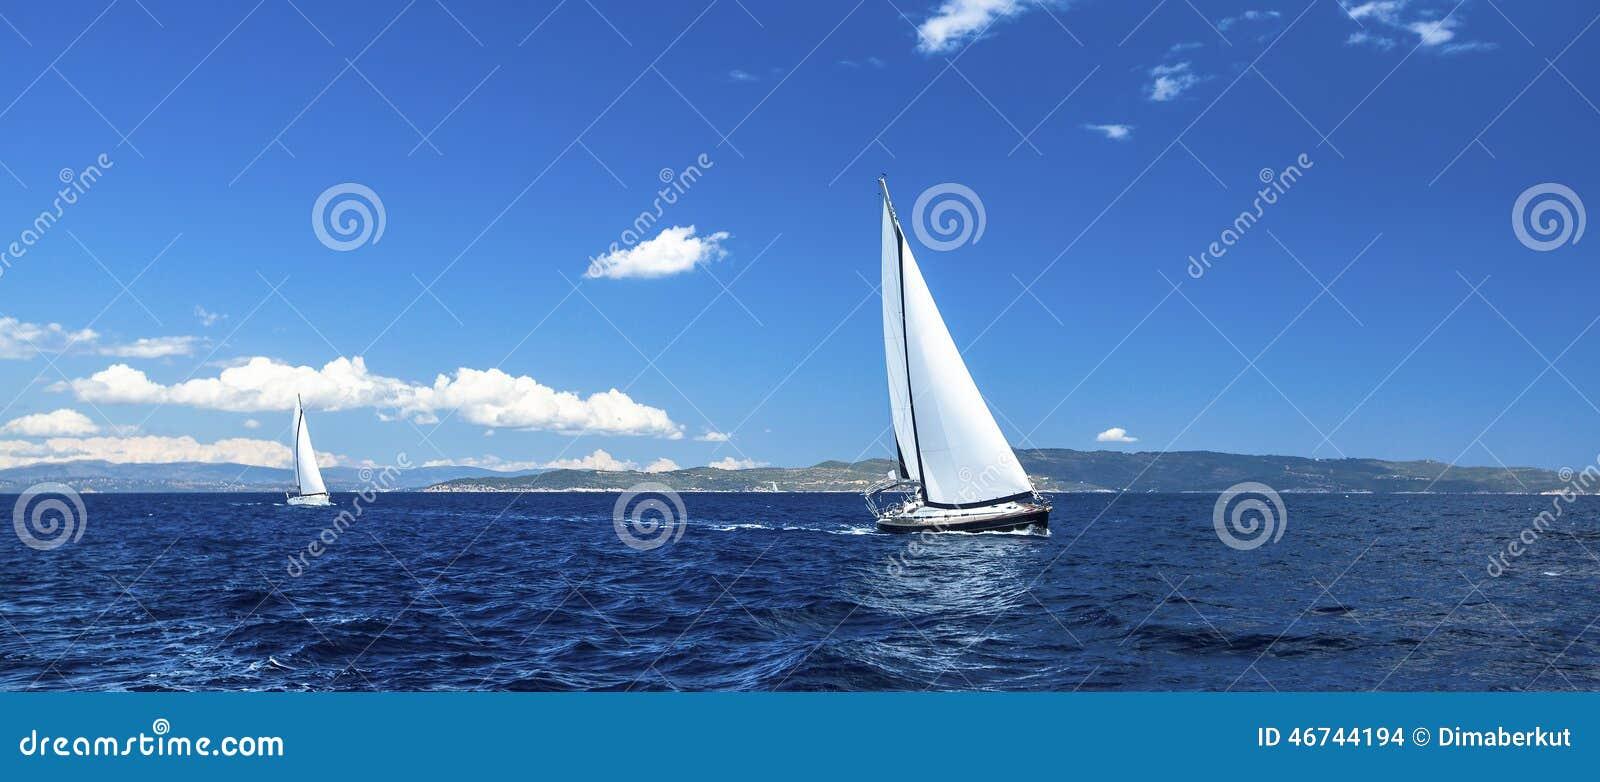 航行赛船会全景  豪华游艇行在小游艇船坞船坞的 自然